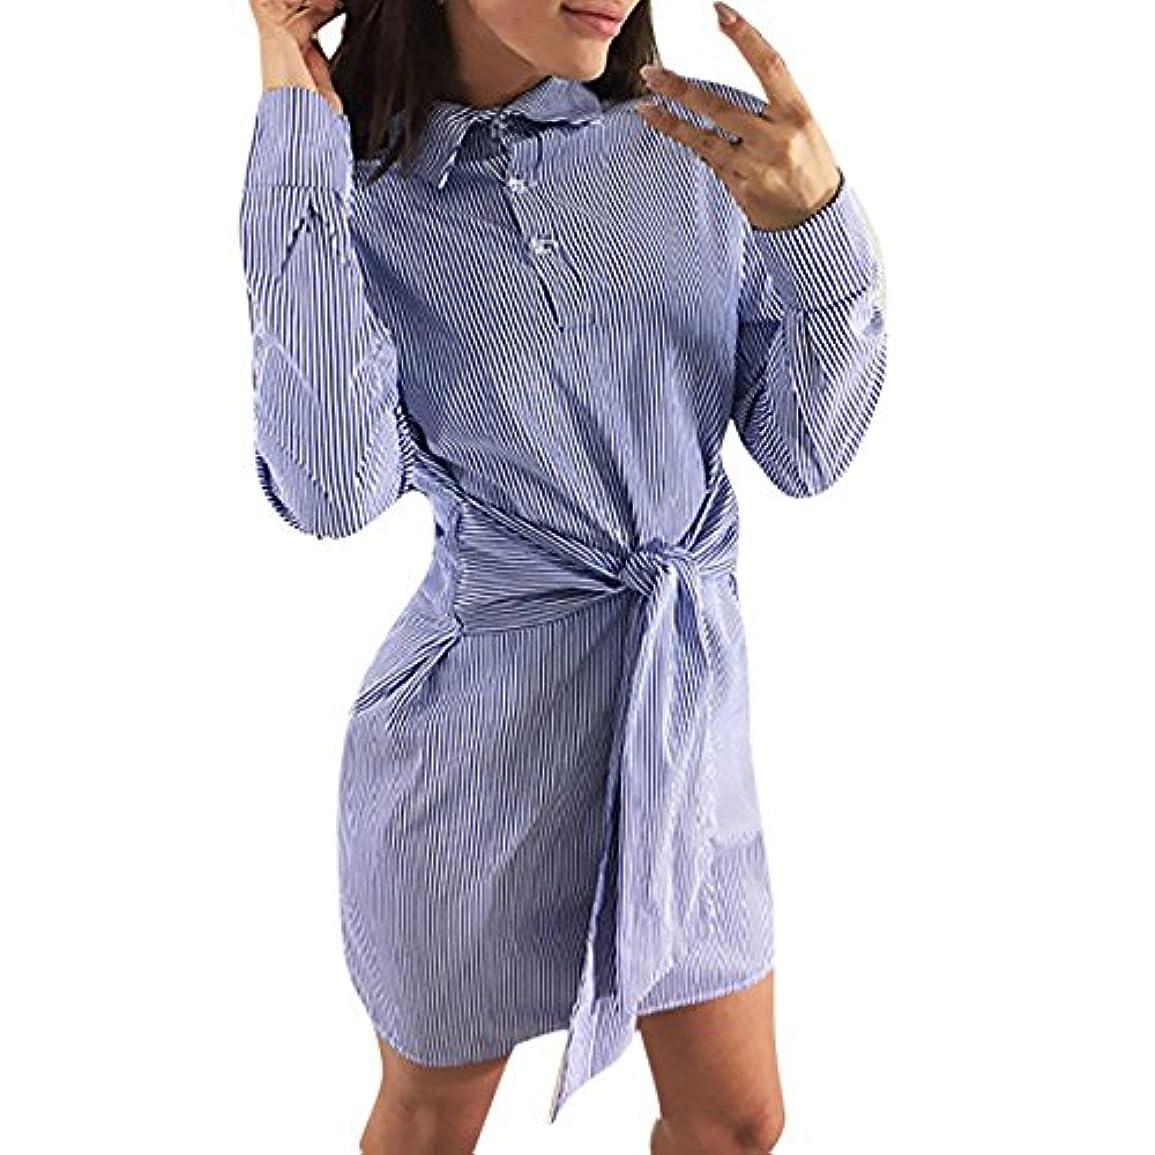 数値典型的なカナダSakuraBest 女性のストライプウエストバンド長袖シャツドレス